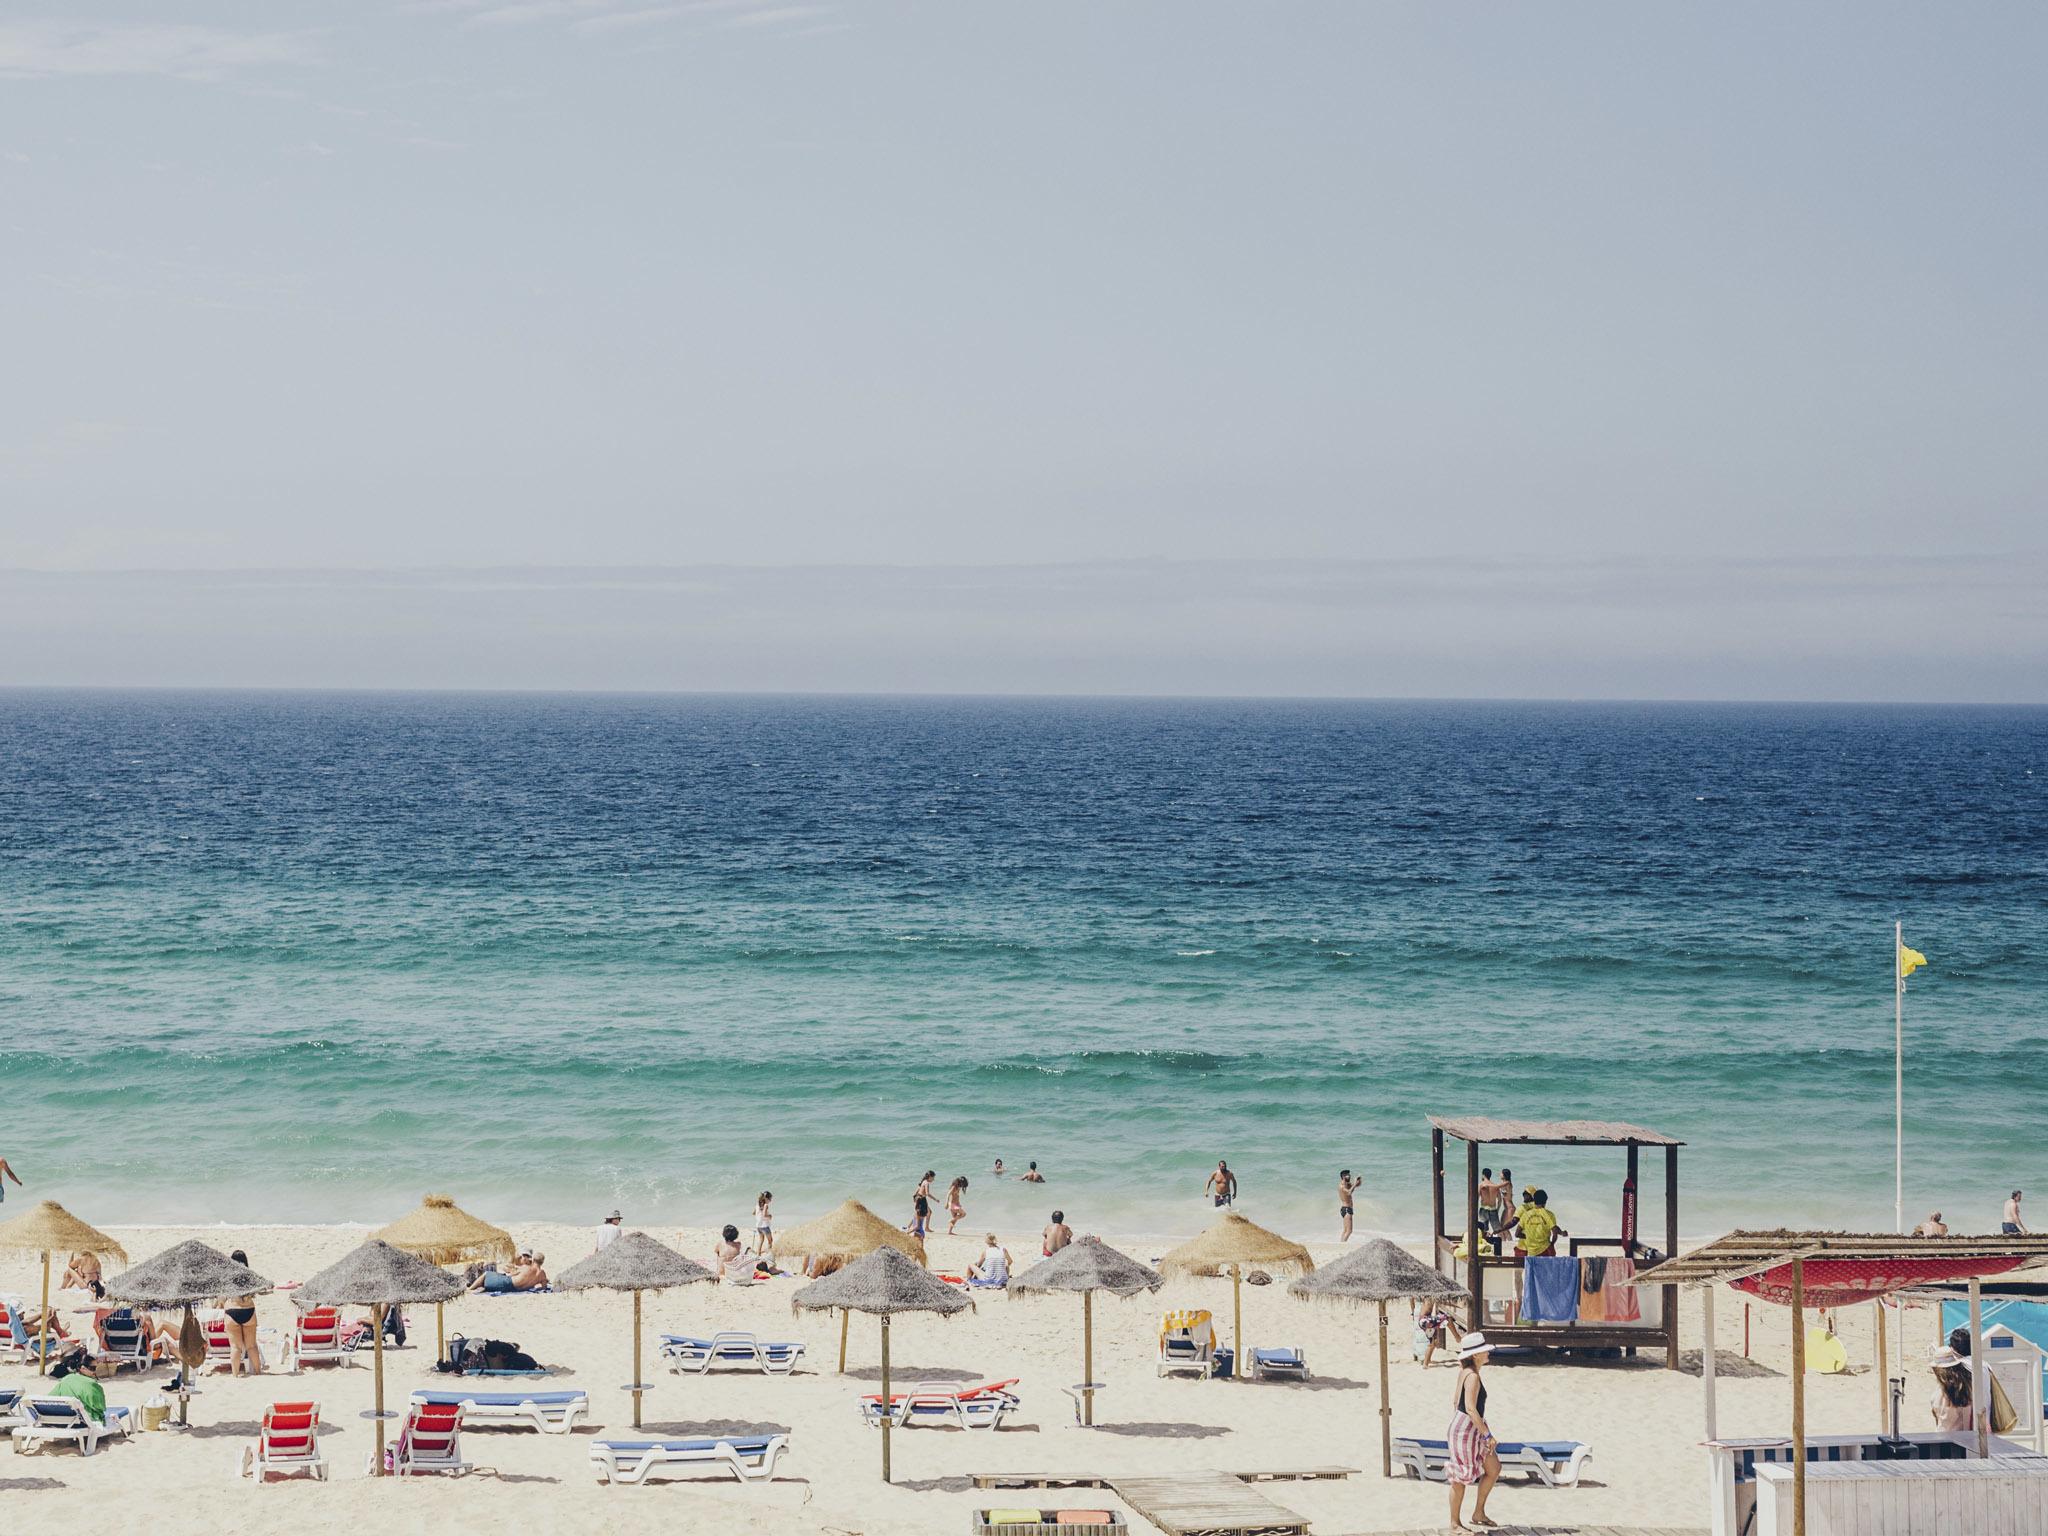 Praia do pego